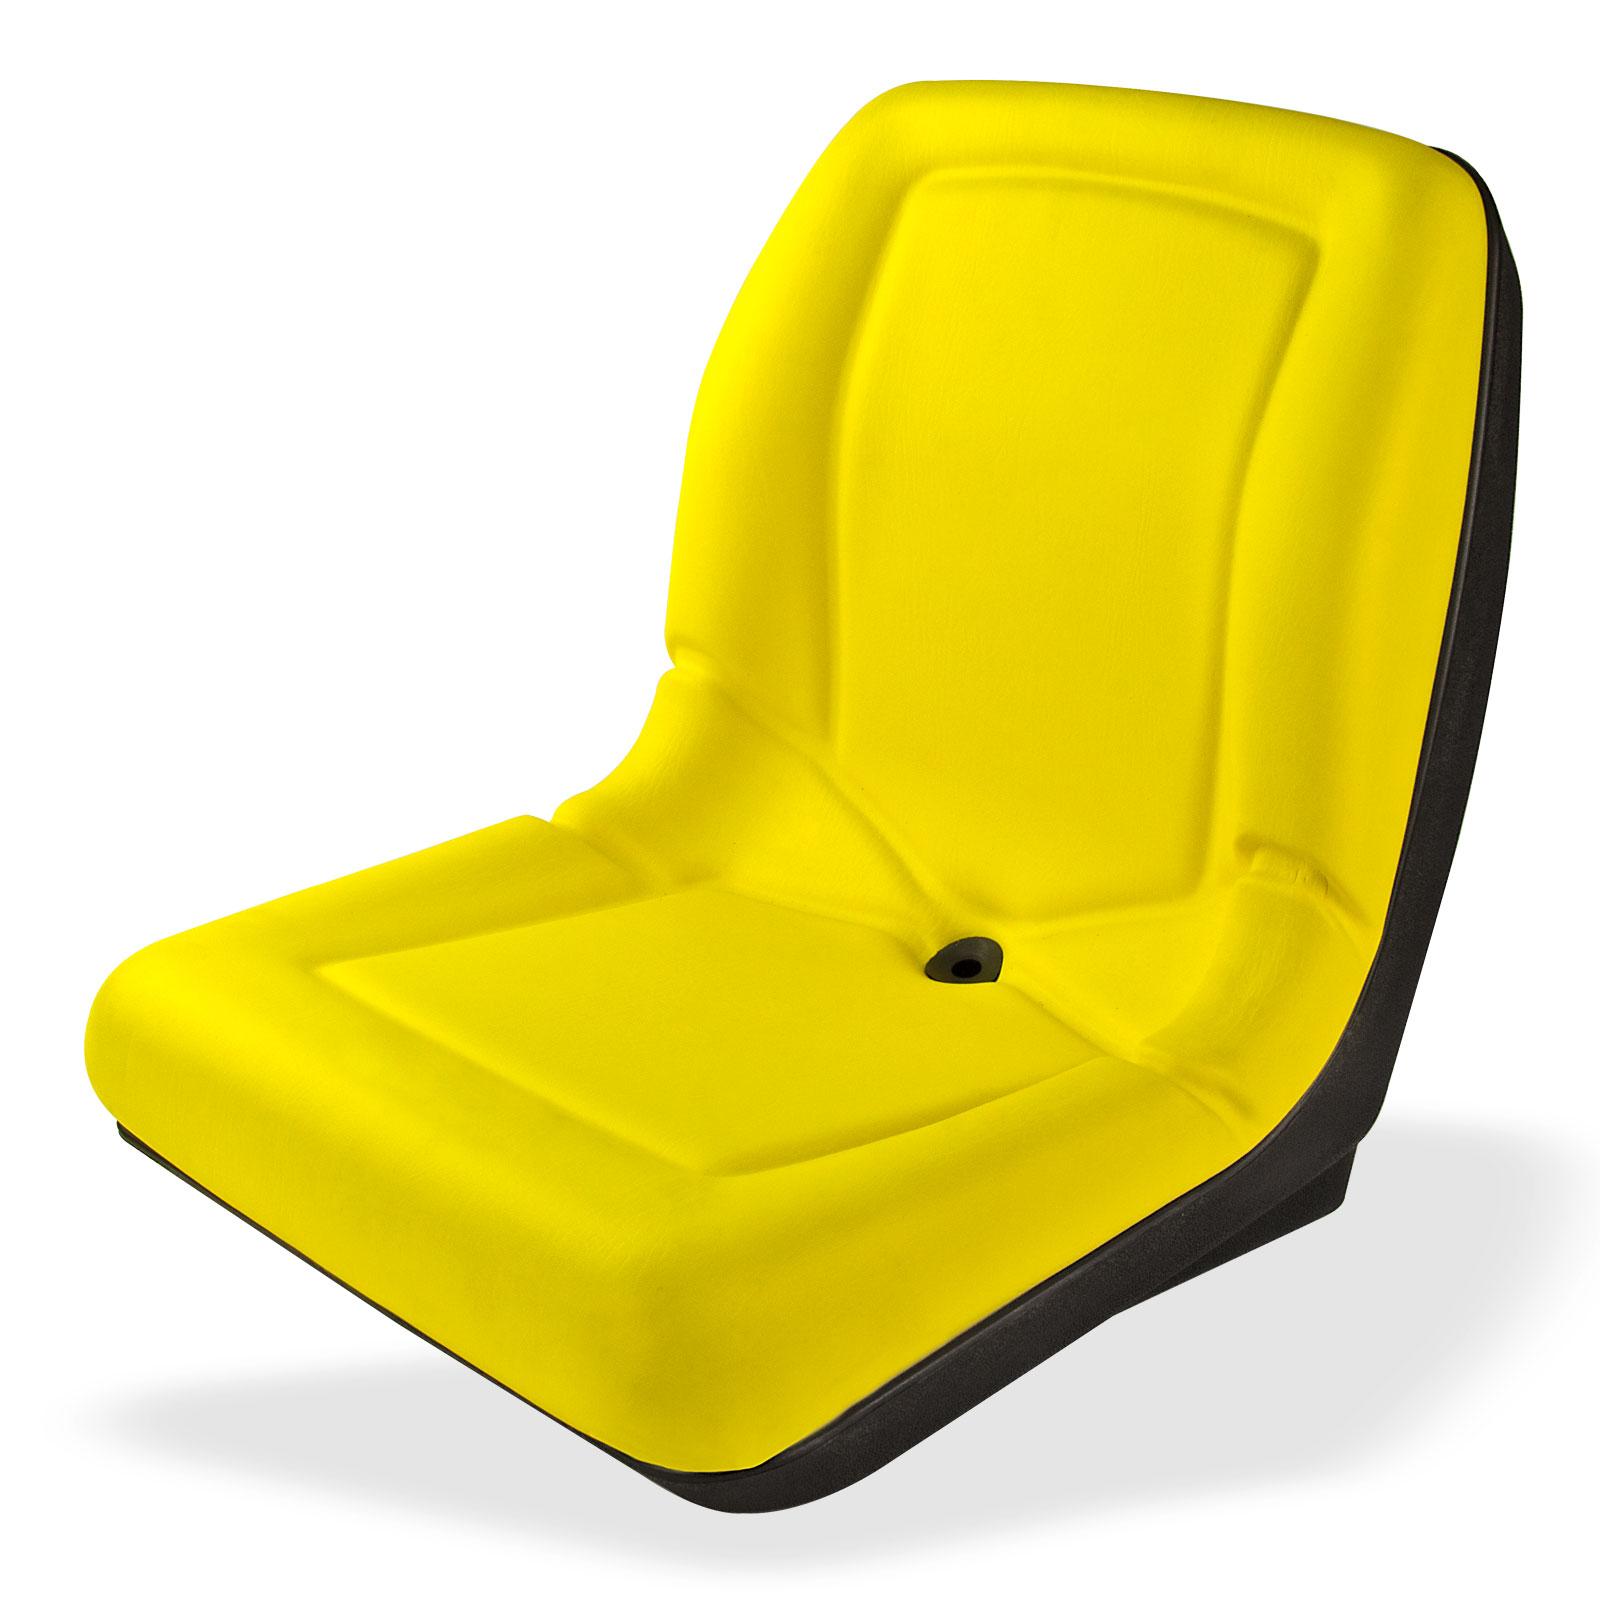 Sitzschale Schale für Traktorsitz Schleppersitz Traktor Sitz gelb Star ST1848